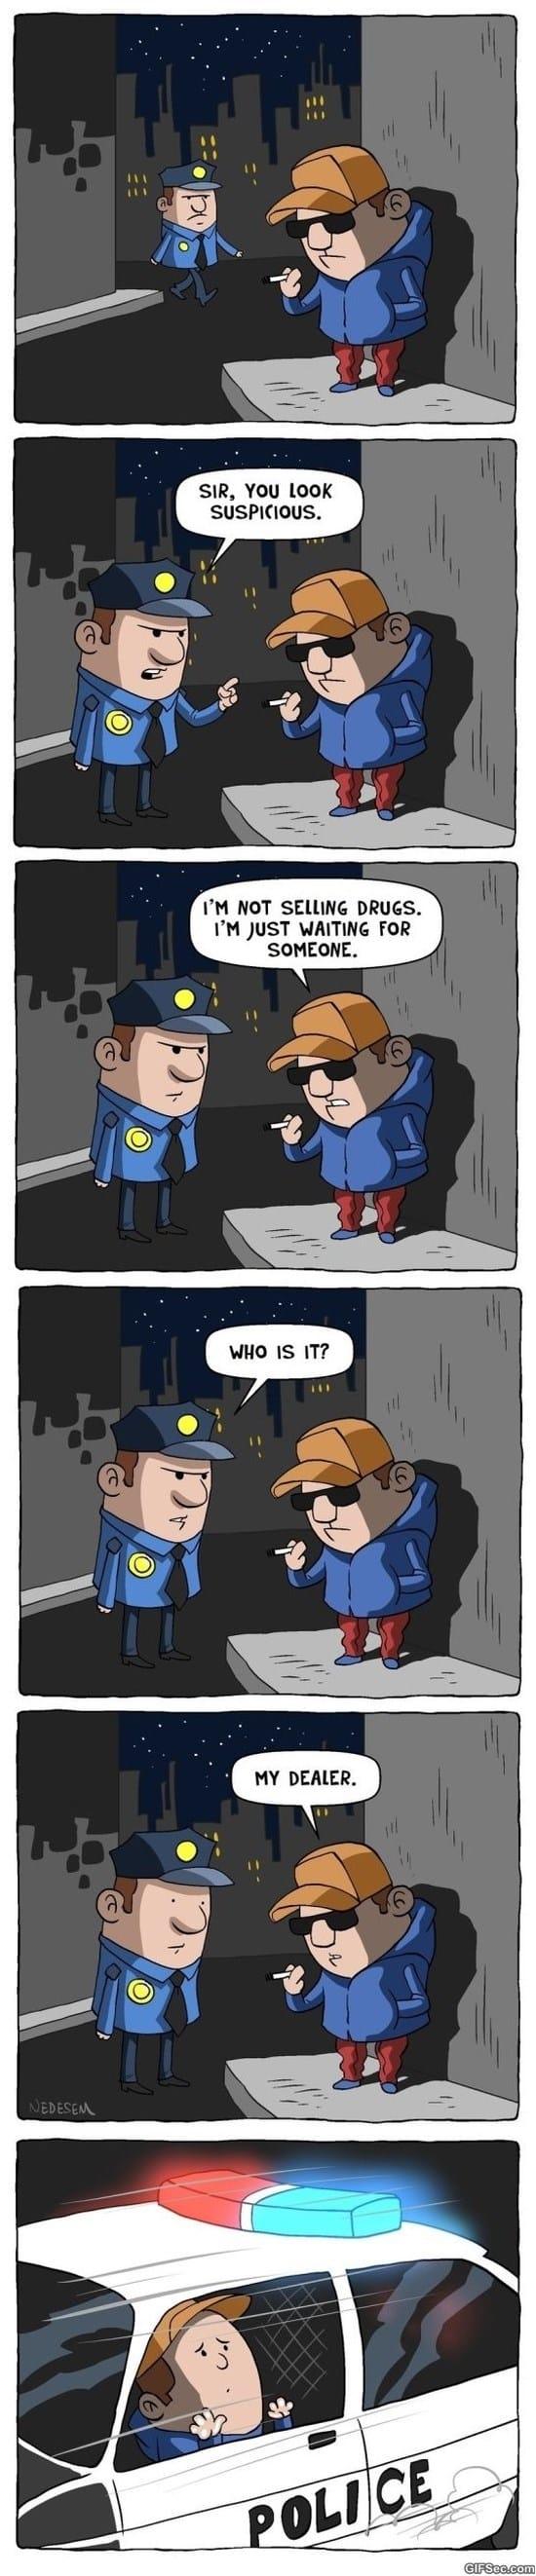 suspicious-guy-meme